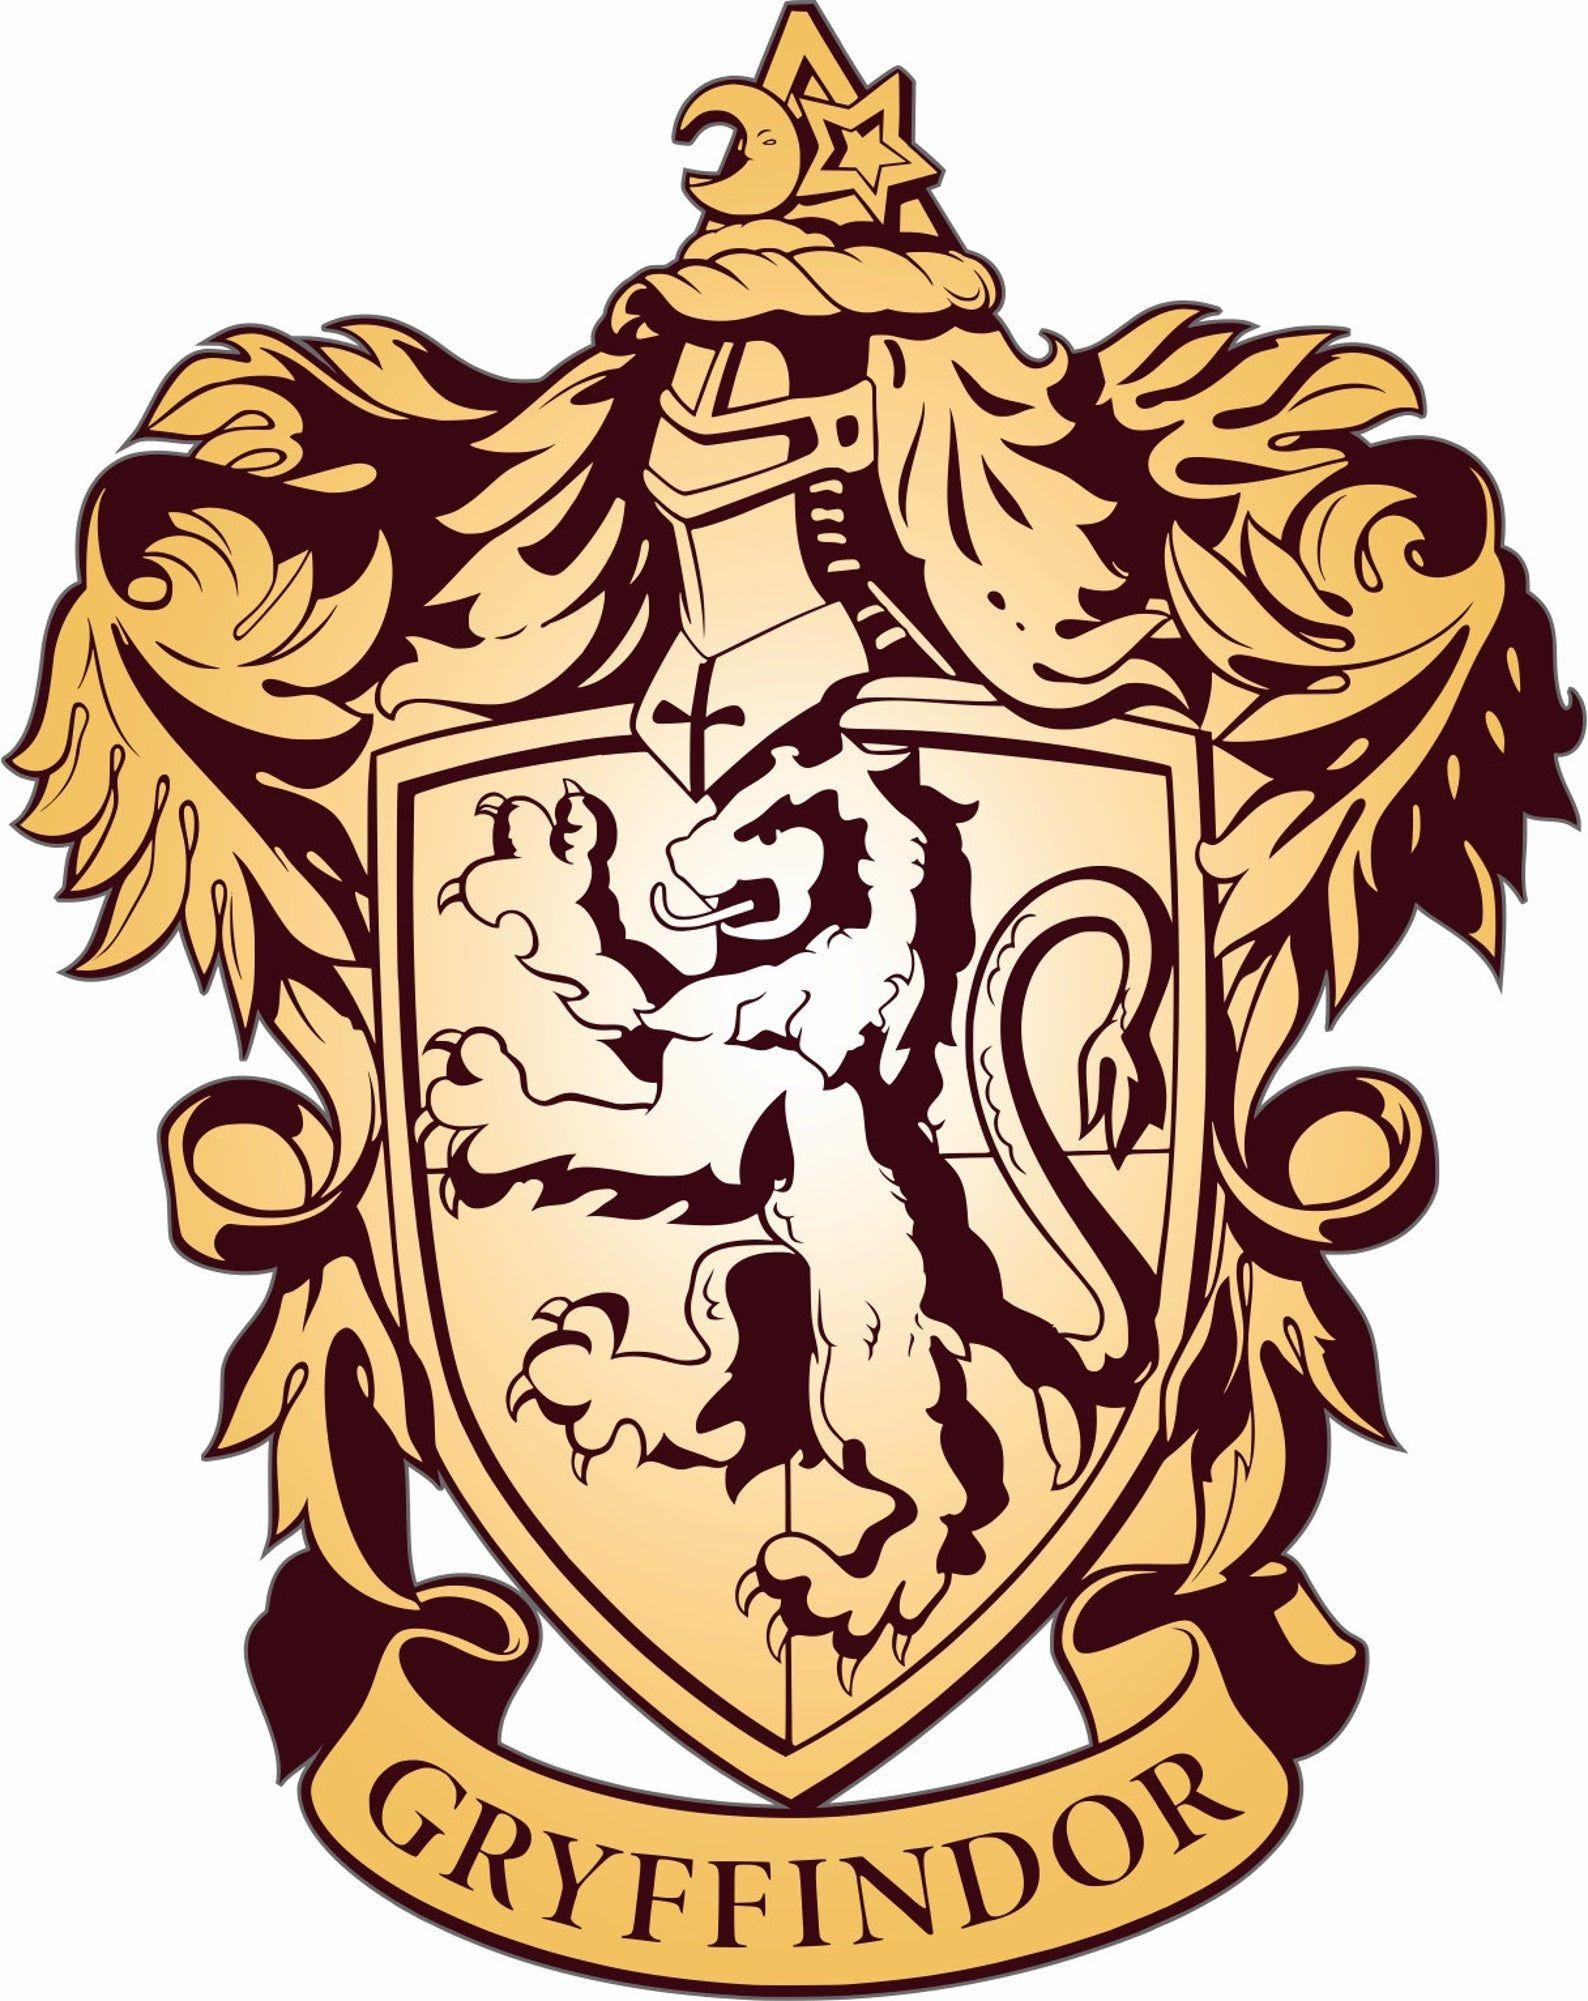 Gryffindor Emblem Svg Faculties Of Hogwarts Png Harry Potter Etsy Gryffindor Harry Potter Etsy Harry Potter Universal